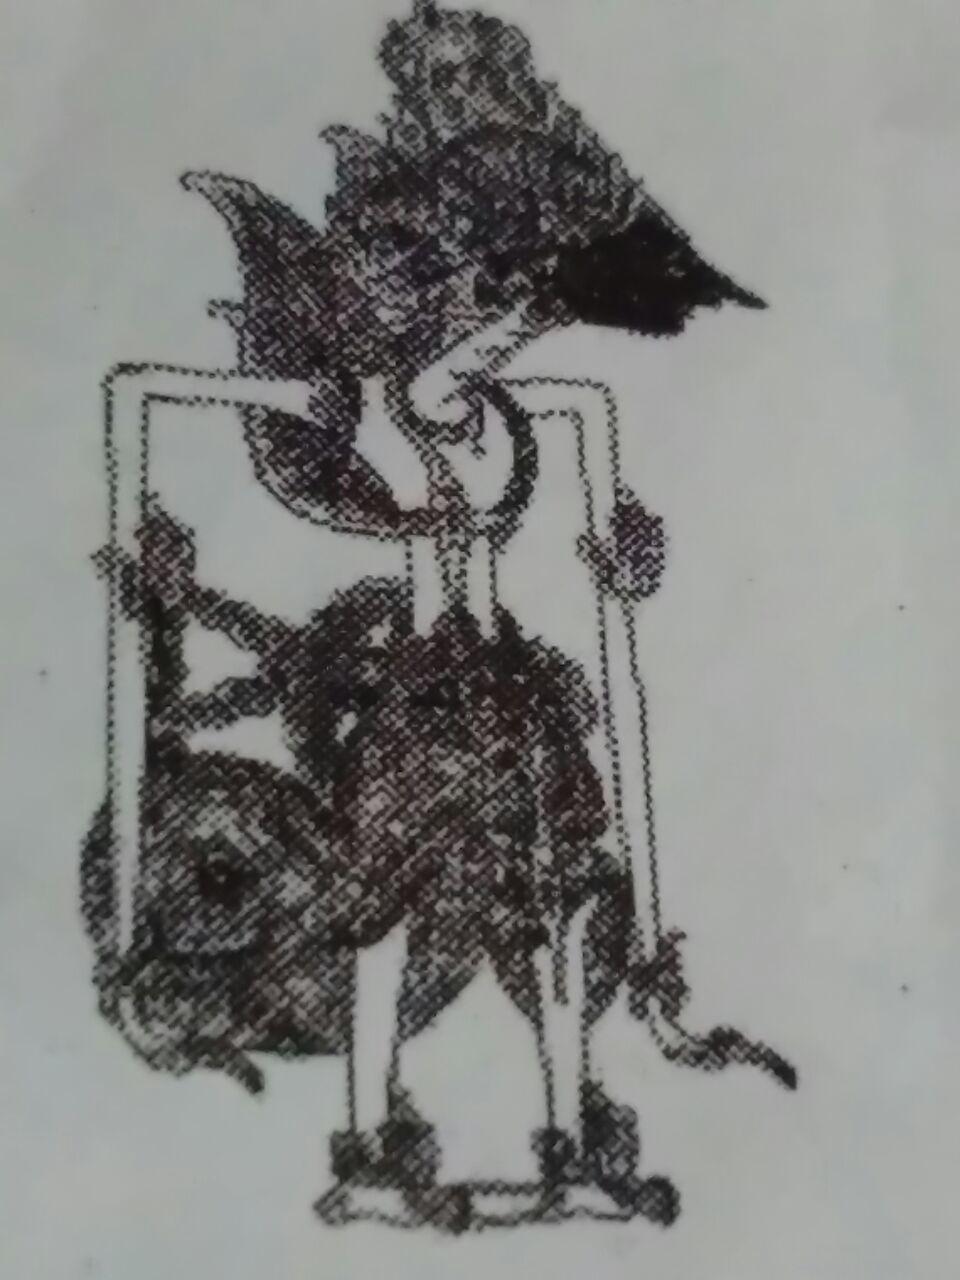 Anantasena, atau sering disingkat antasena adalah nama salah satu tokoh pewayangan jawa. Gambar Wayang Ing Sisih Kiwa Sapa Asmane Lan Ing Ngendi Kratone Brainly Co Id